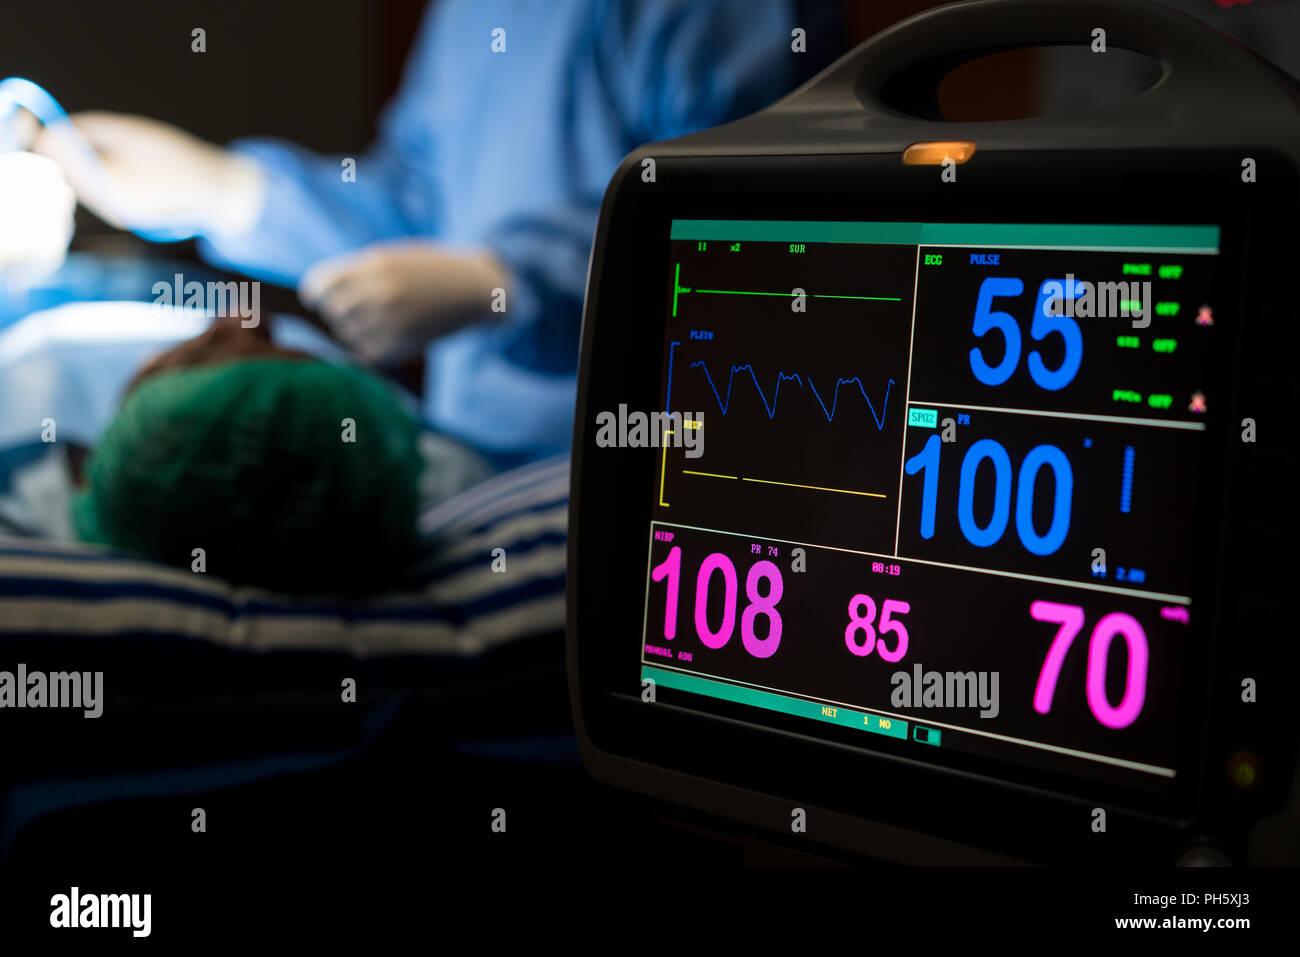 Elettrocardiogramma in ospedale chirurgia di emergenza operativo camera mostra frequenza cardiaca del paziente con blur equipe di chirurghi in background. Salute e medicin Immagini Stock